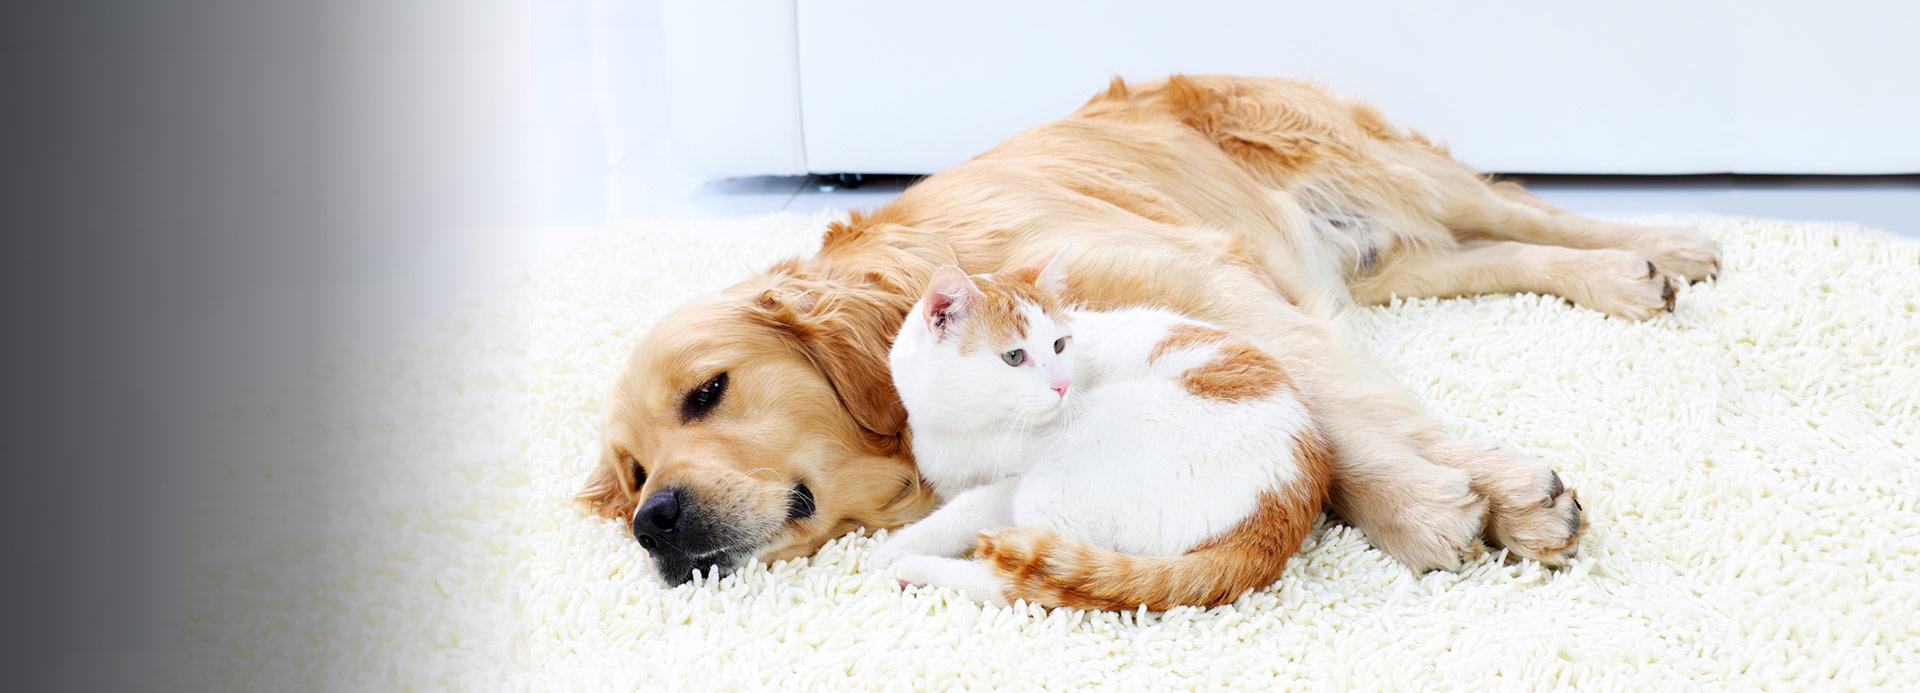 Pets Prime